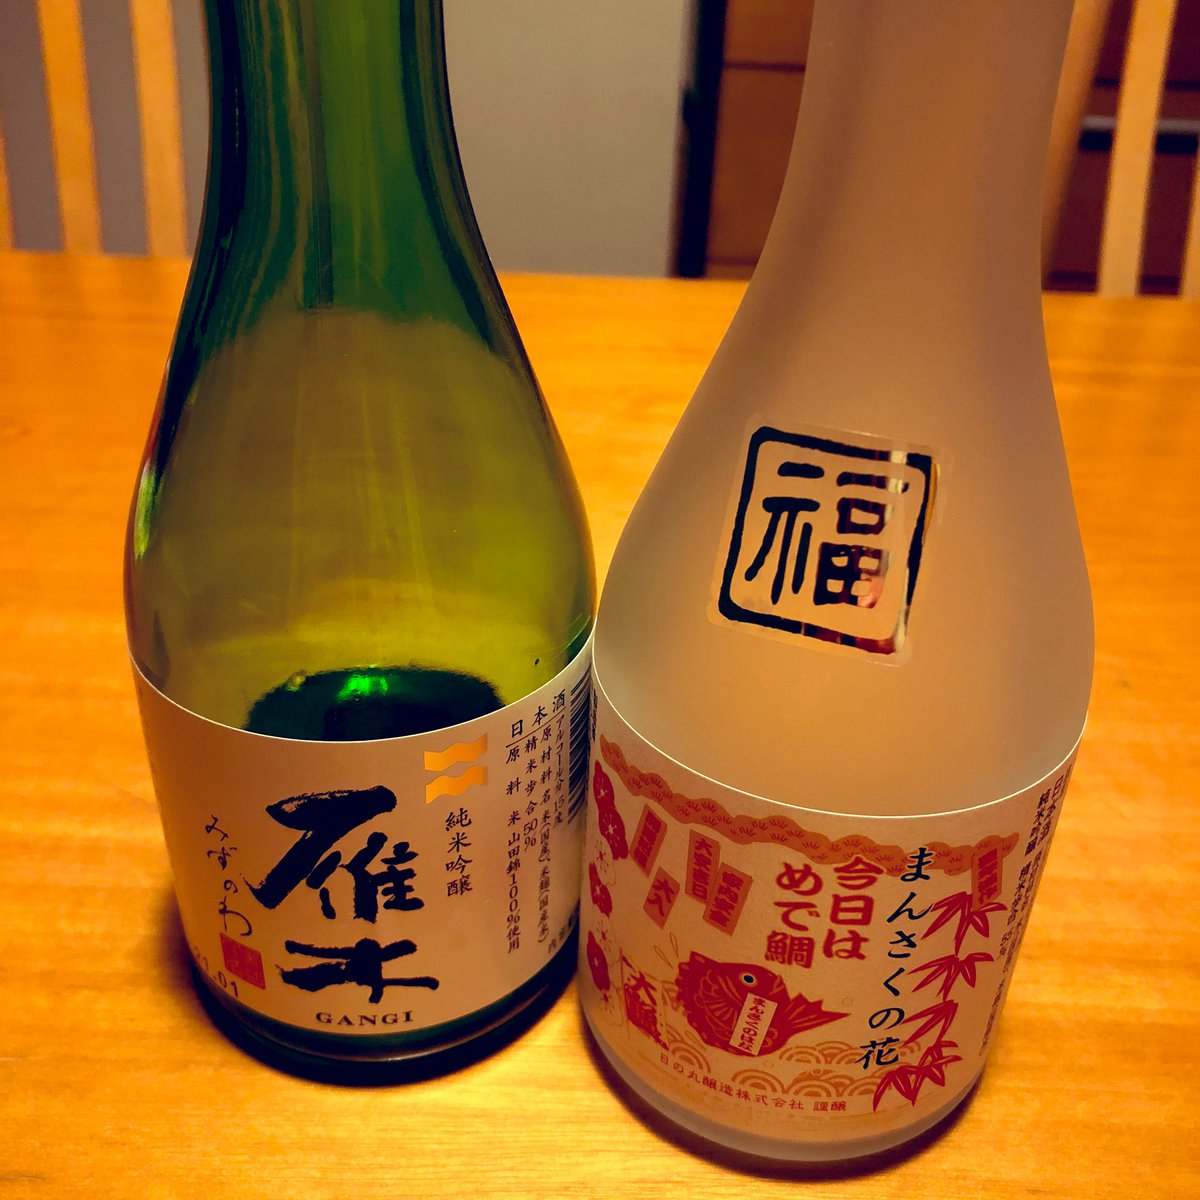 test ツイッターメディア - 日本酒縛りのリモート呑み会用に用意した日本酒300ml瓶。結構余っていて、本日飲み干すなり。 雁木、バランス良くて美味しい。まんさくの花は辛い。 https://t.co/faWmqCkqde